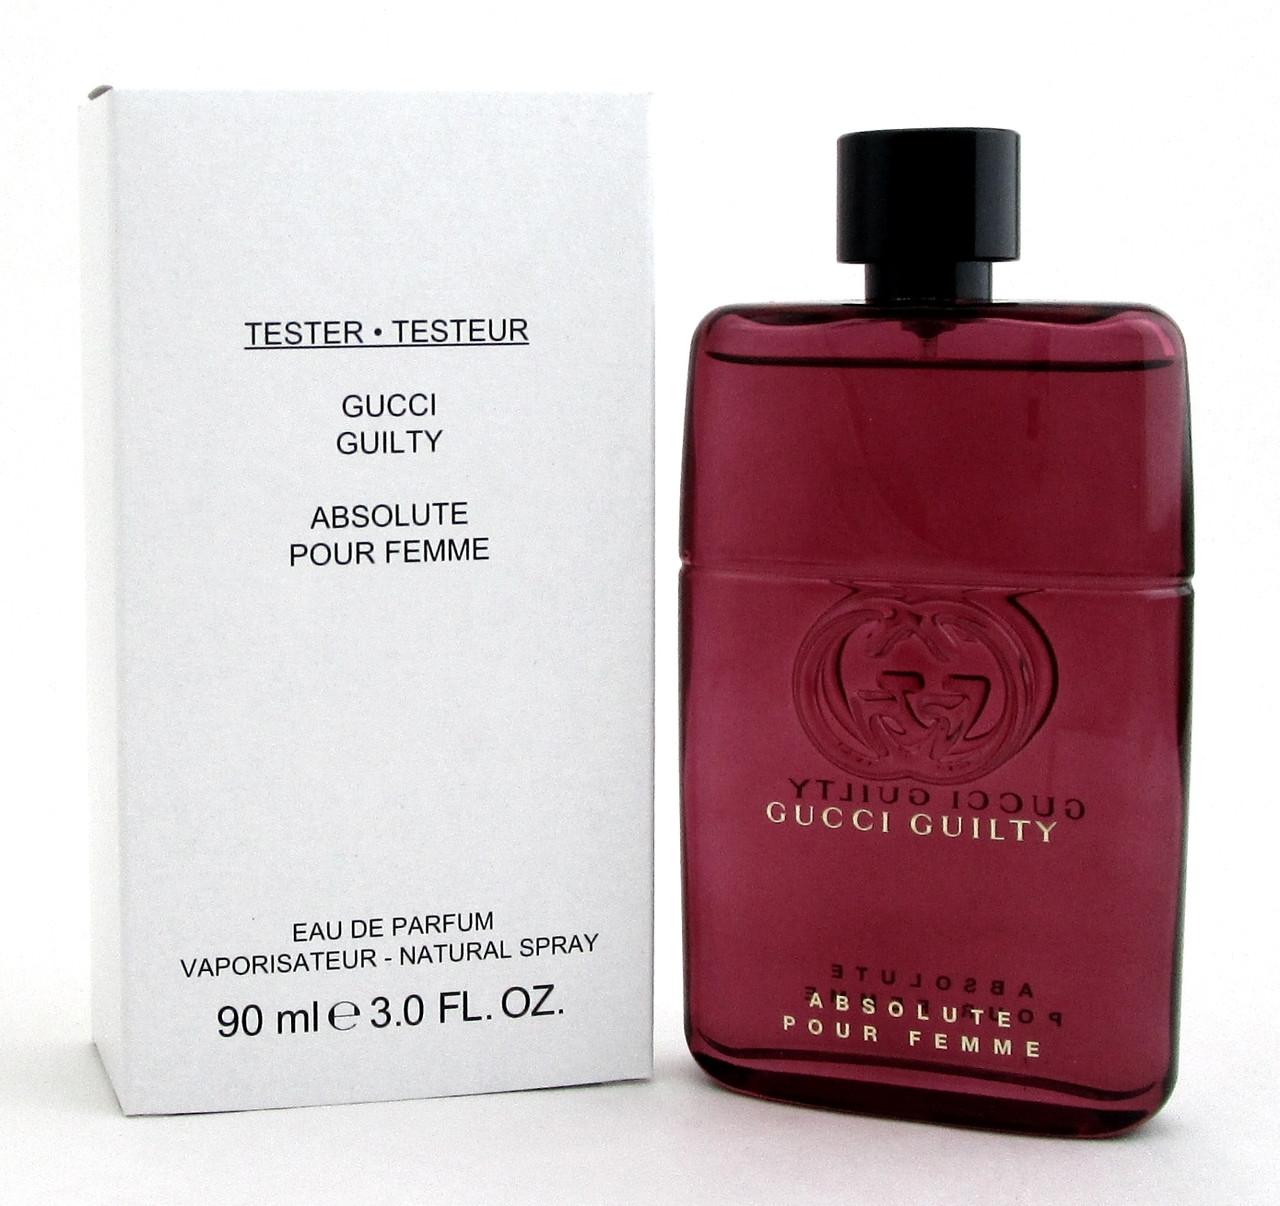 ca5a64dd8 Gucci Guilty Absolute Pour Femme 3.0 oz Eau De Parfum Spray for ...